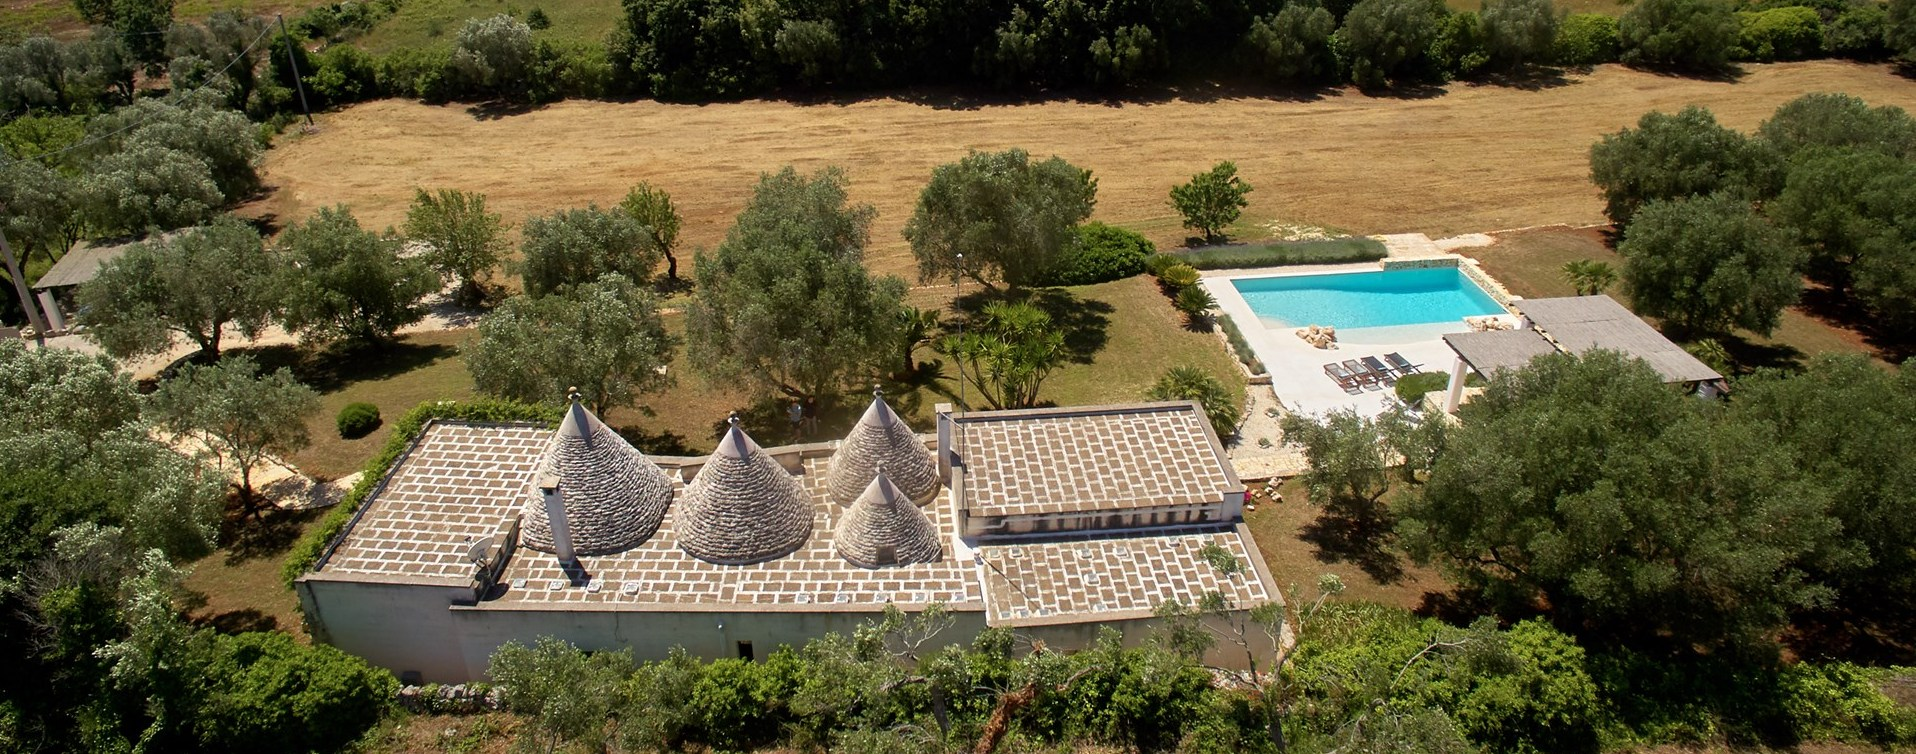 la-moresca-villa-and-pool-aerial